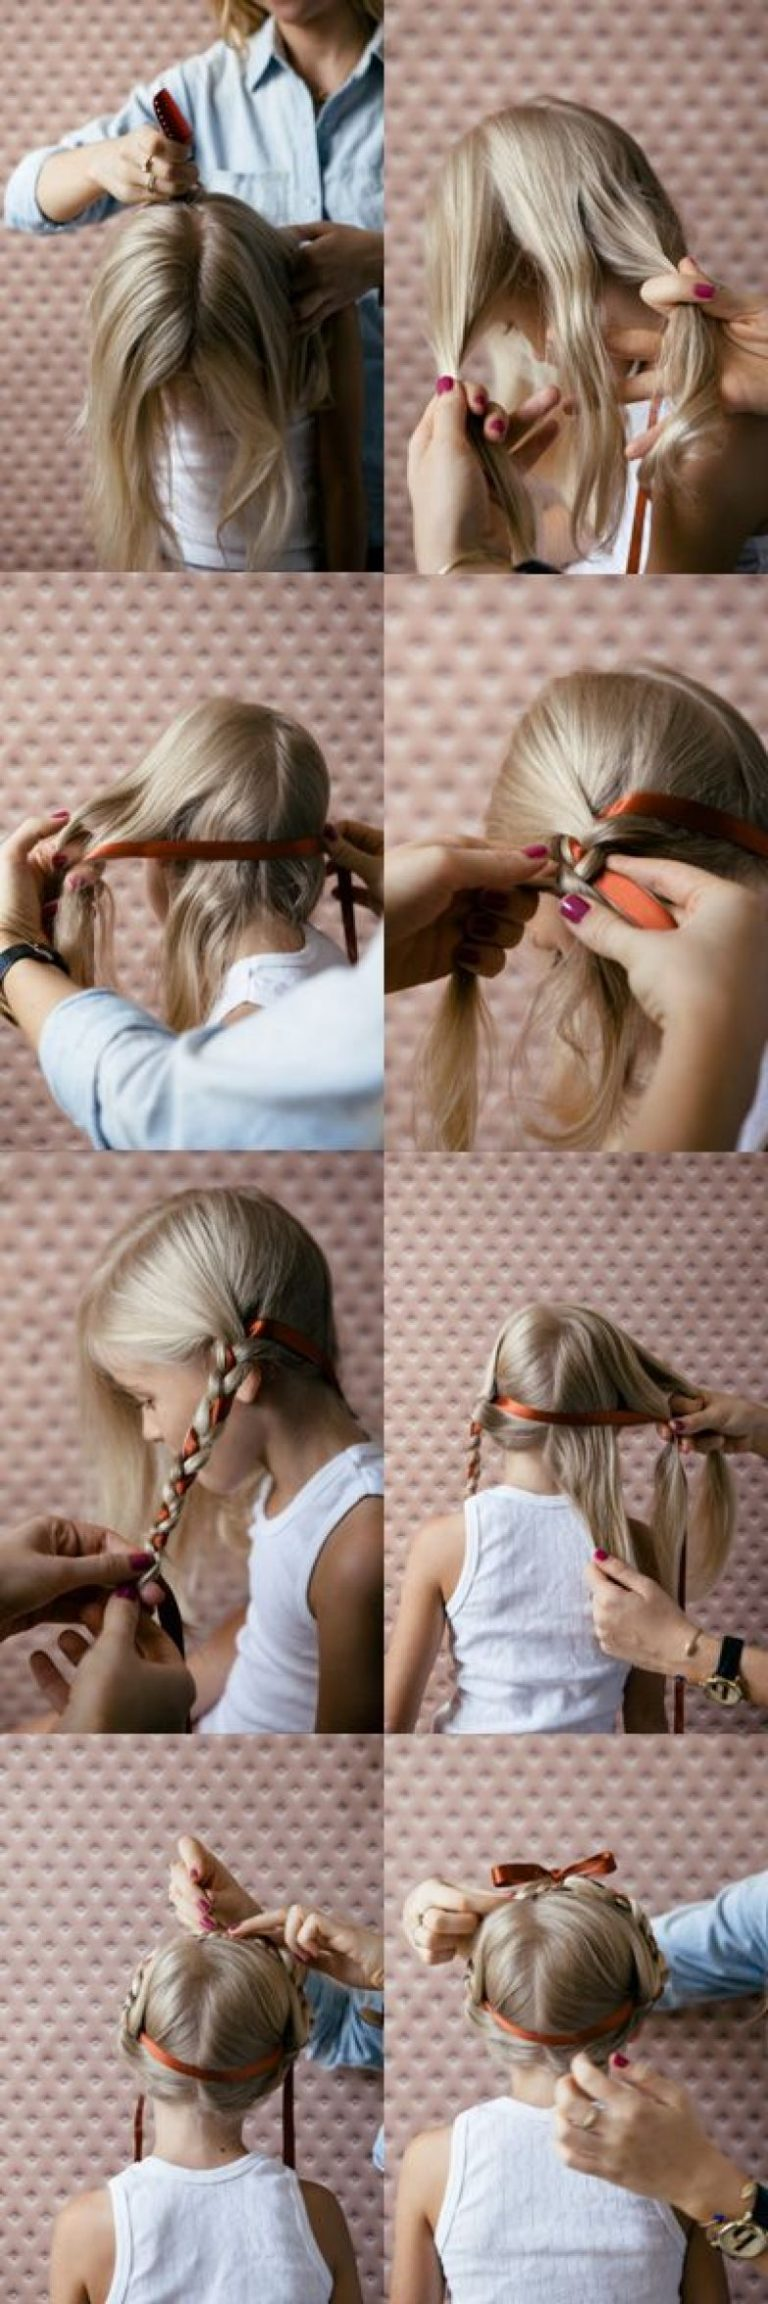 Как делать прическу для детей у которых длинные волосы